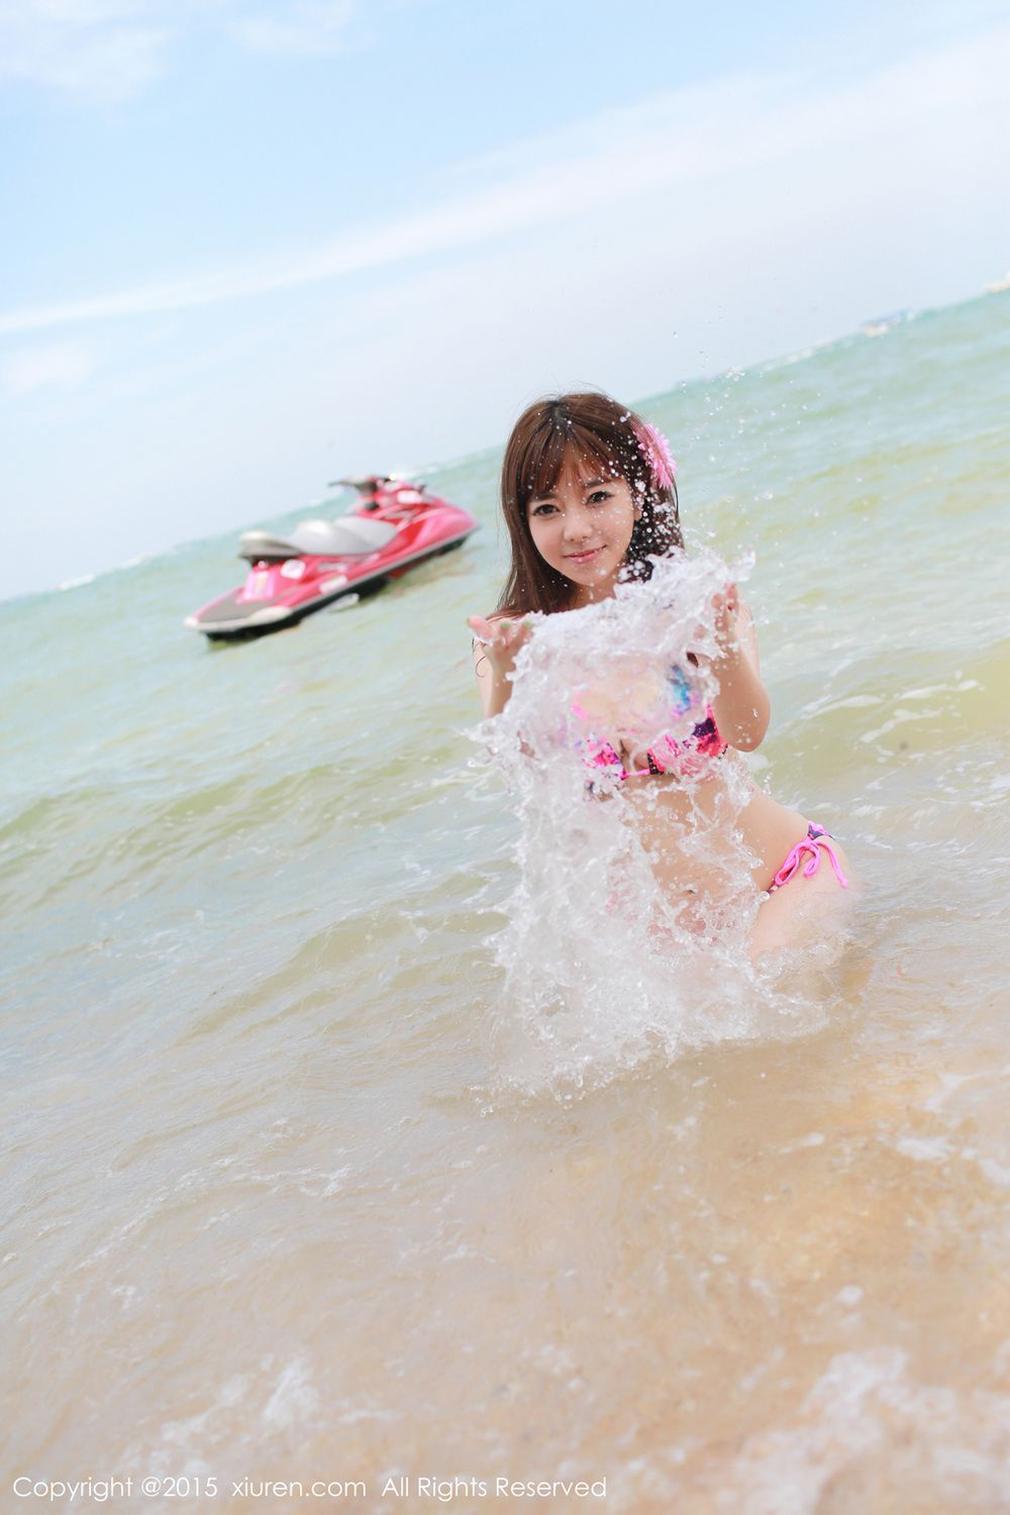 Liu Fei er 刘飞儿Faye Big Boobs Queen Nipples See Through